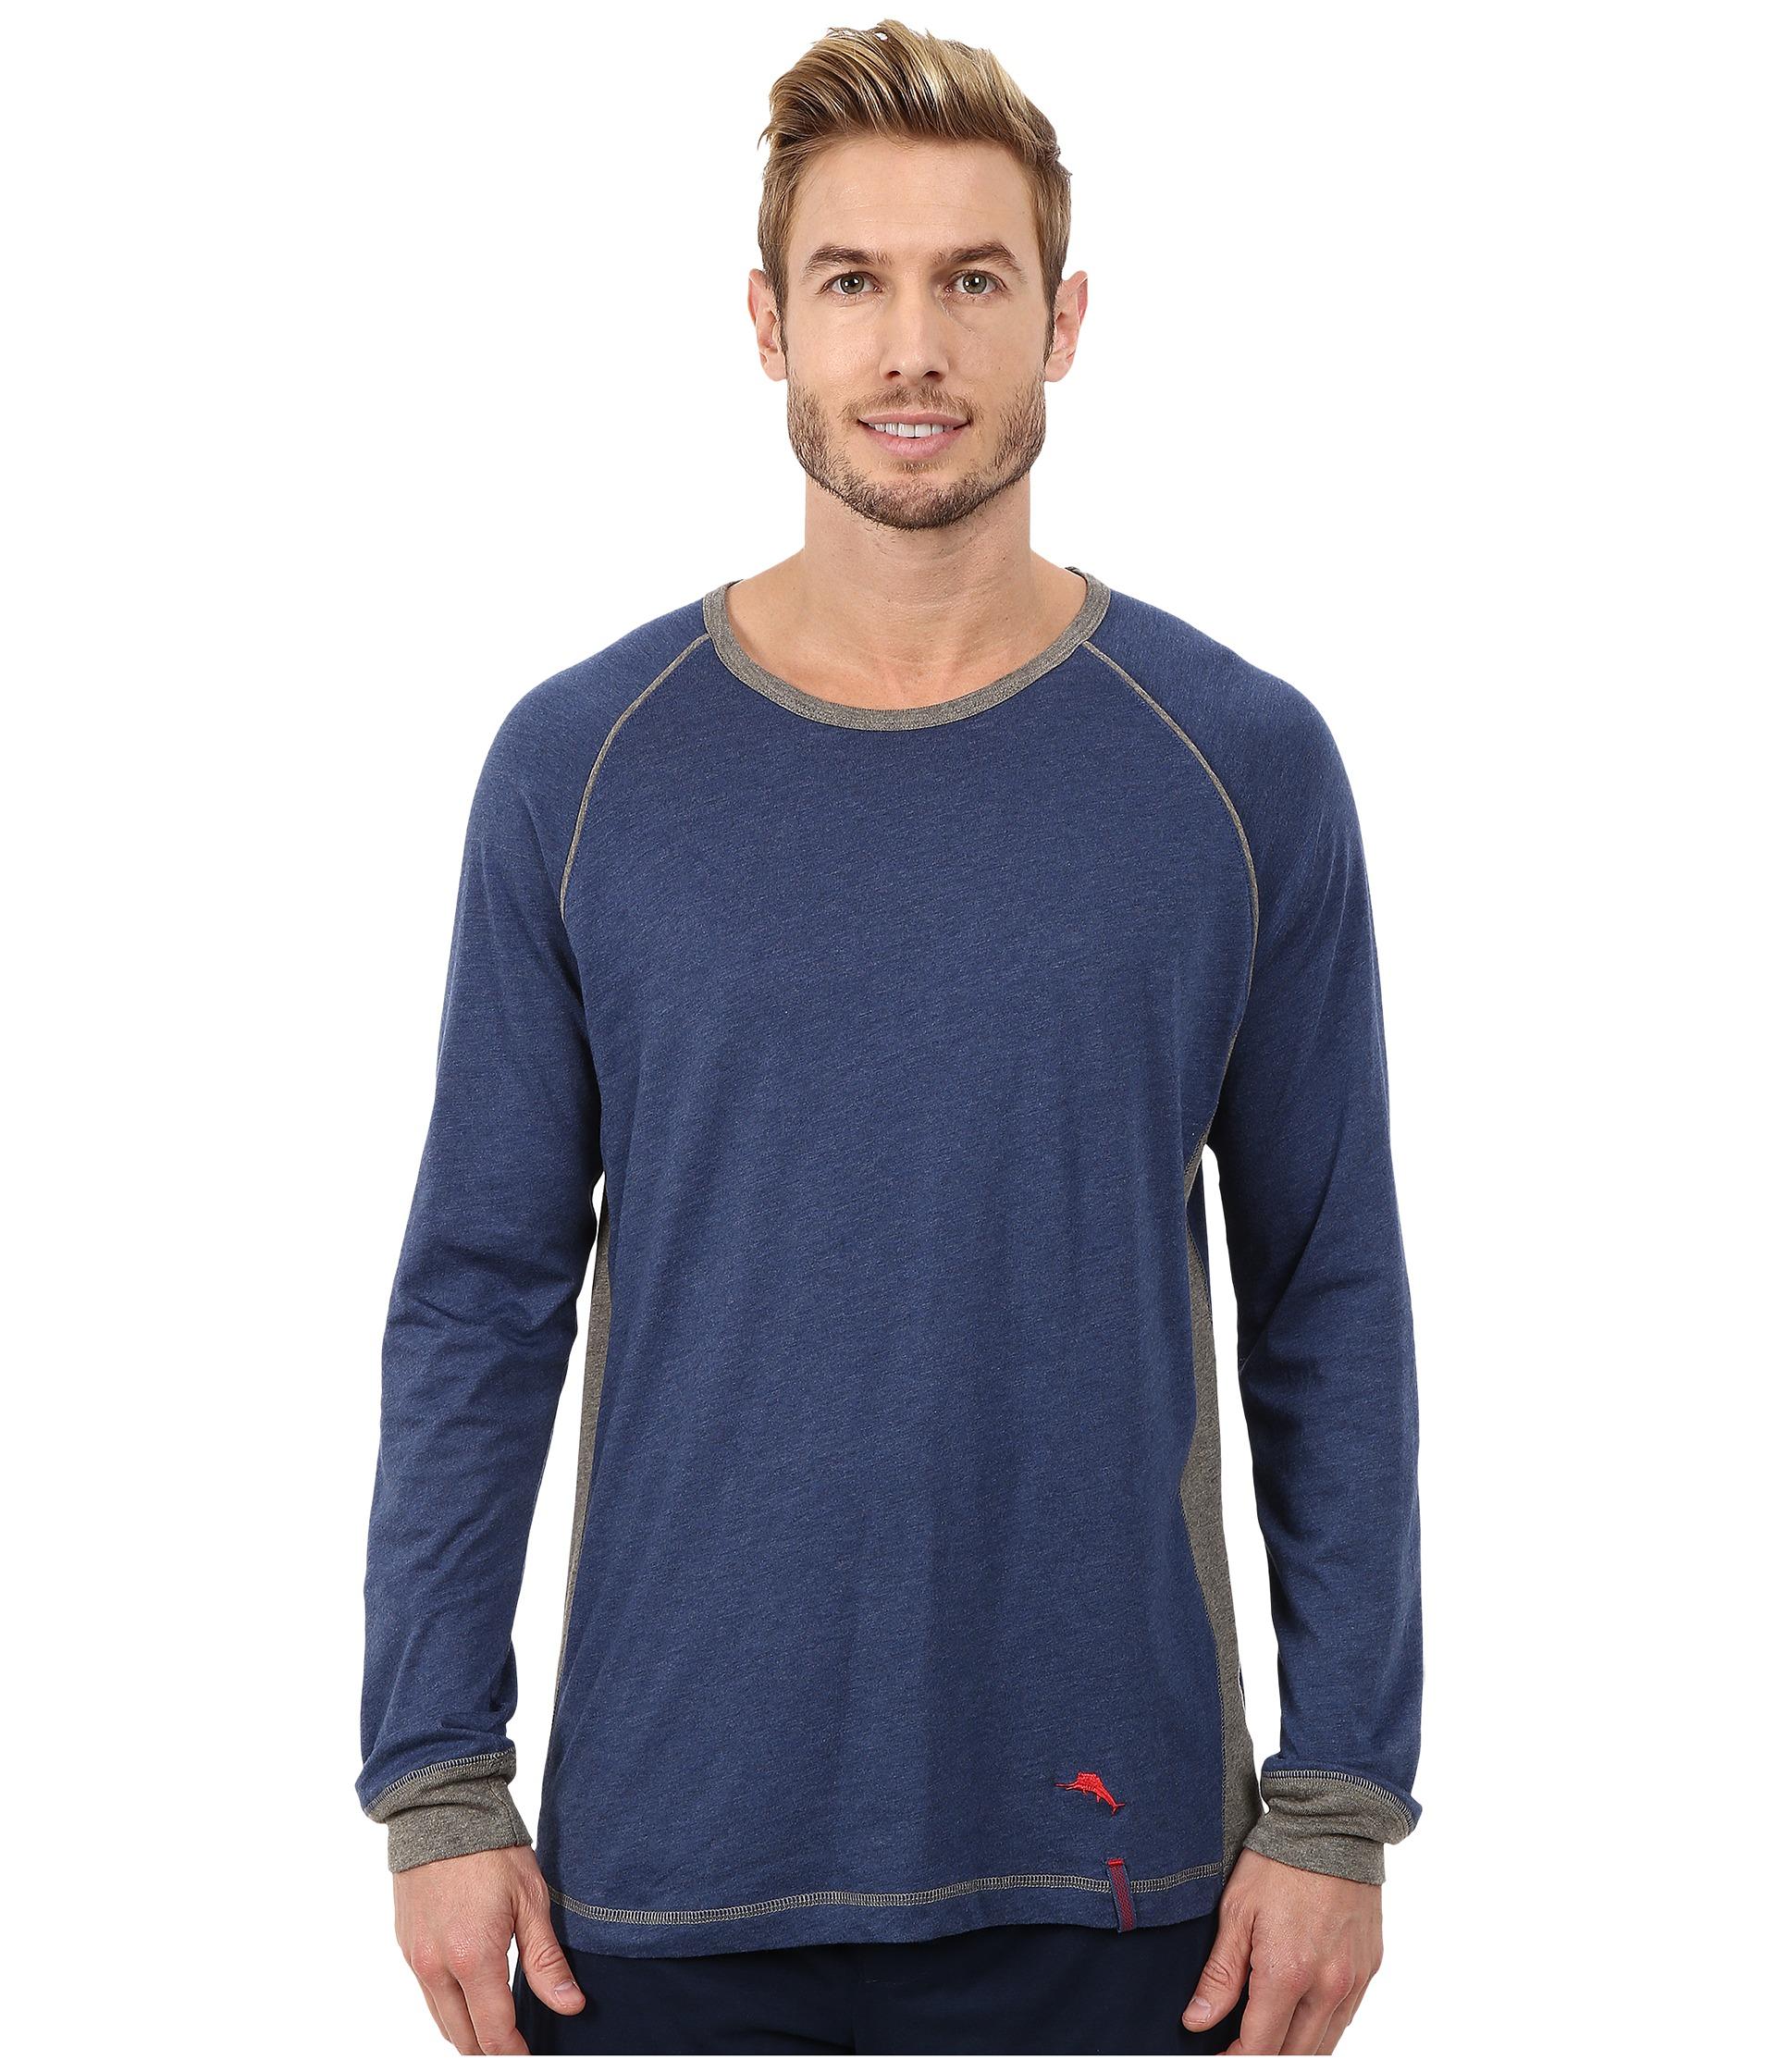 Tommy bahama heather cotton modal jersey knit long sleeve for Tommy bahama long sleeve dress shirts